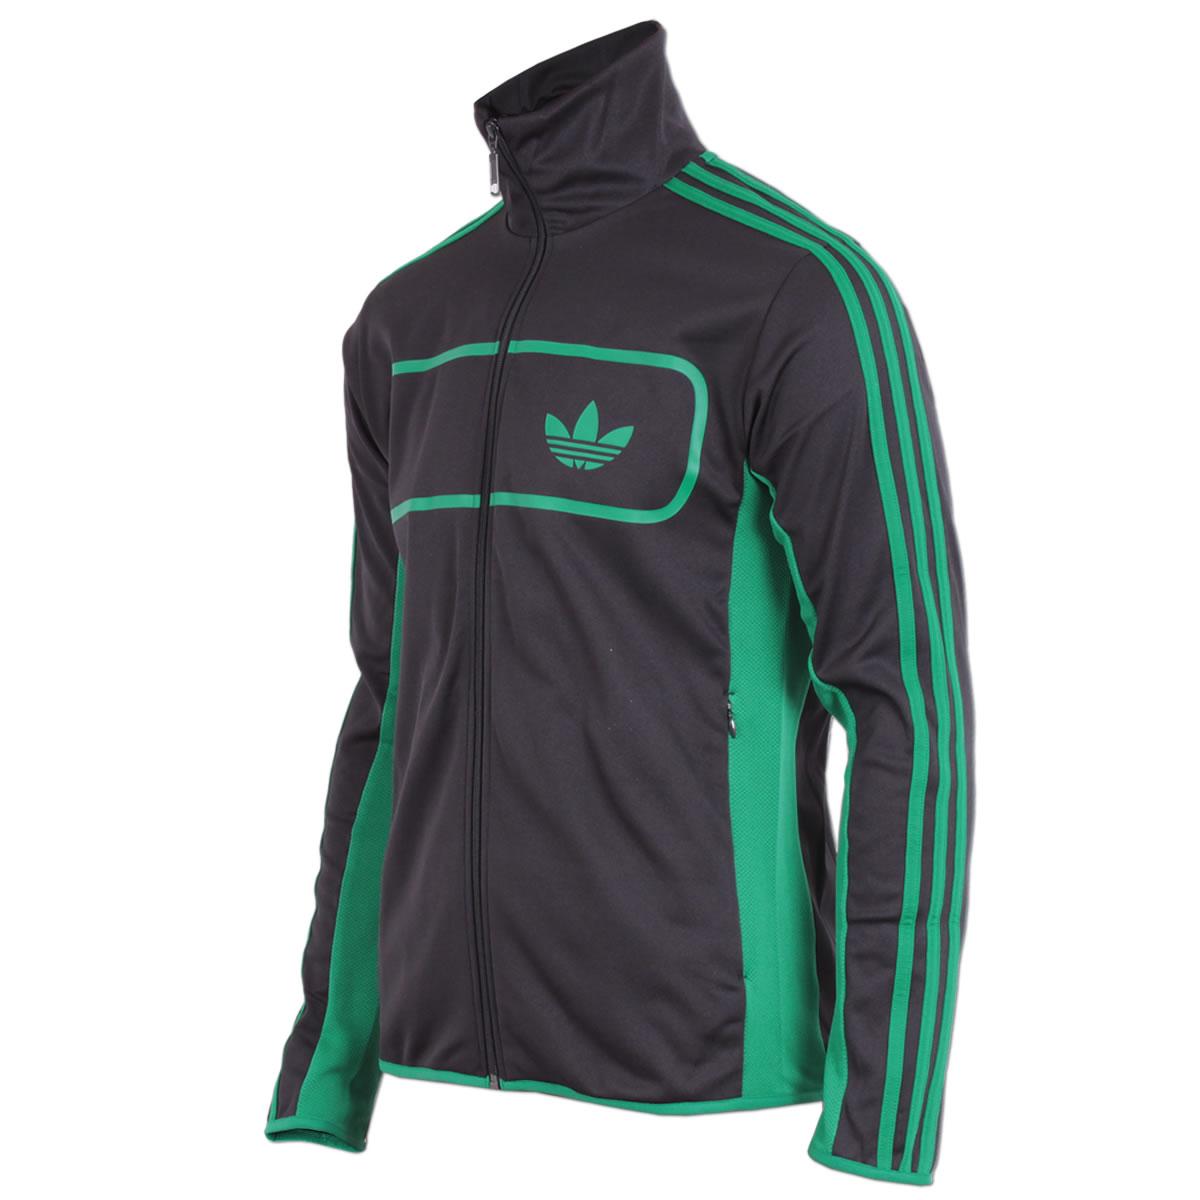 adidas jacke mit grünen streifen